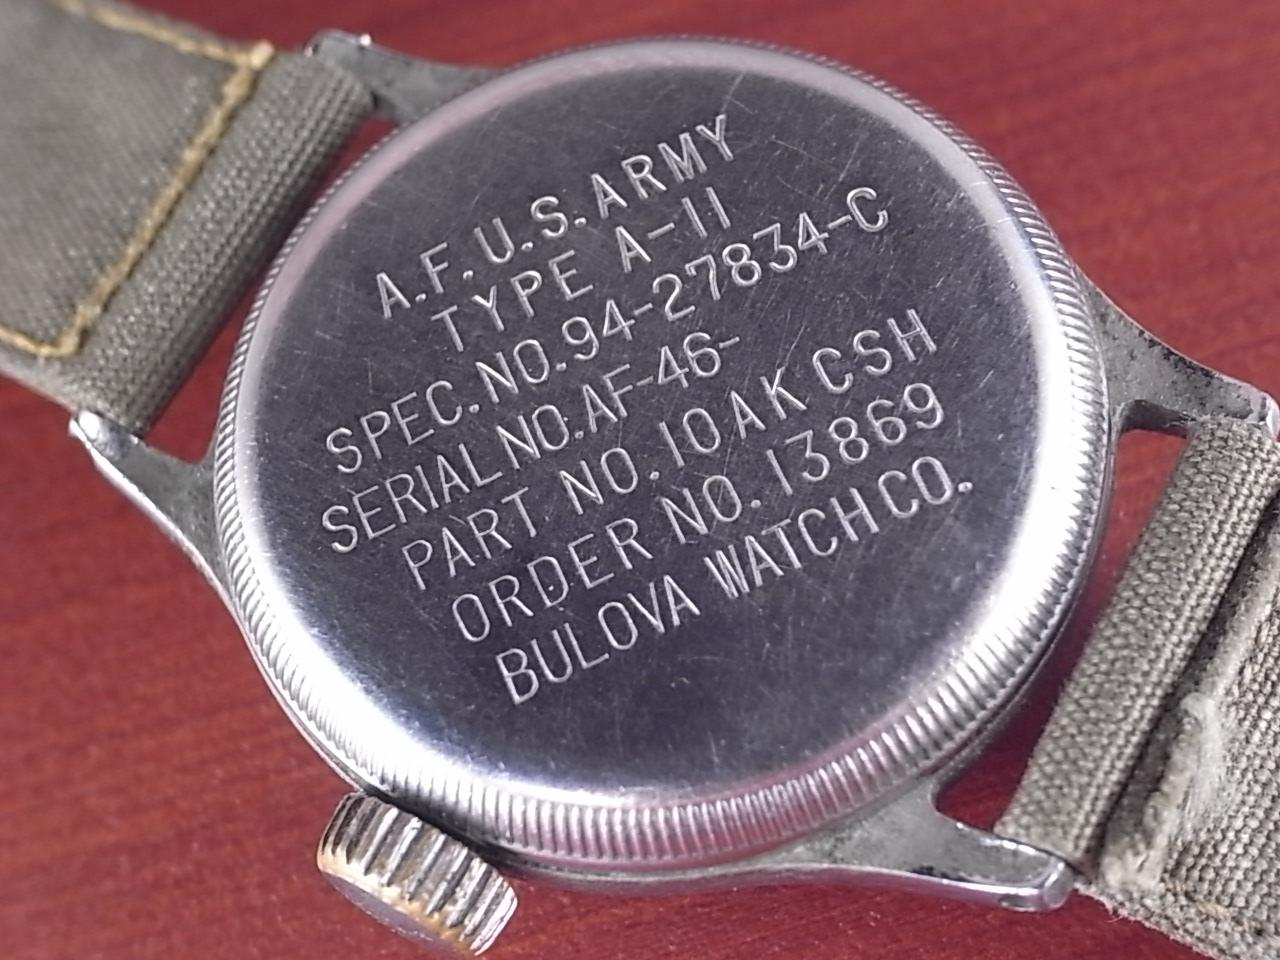 ブローバ アメリカ陸軍航空隊 タイプA-11 未支給 1940年代の写真4枚目